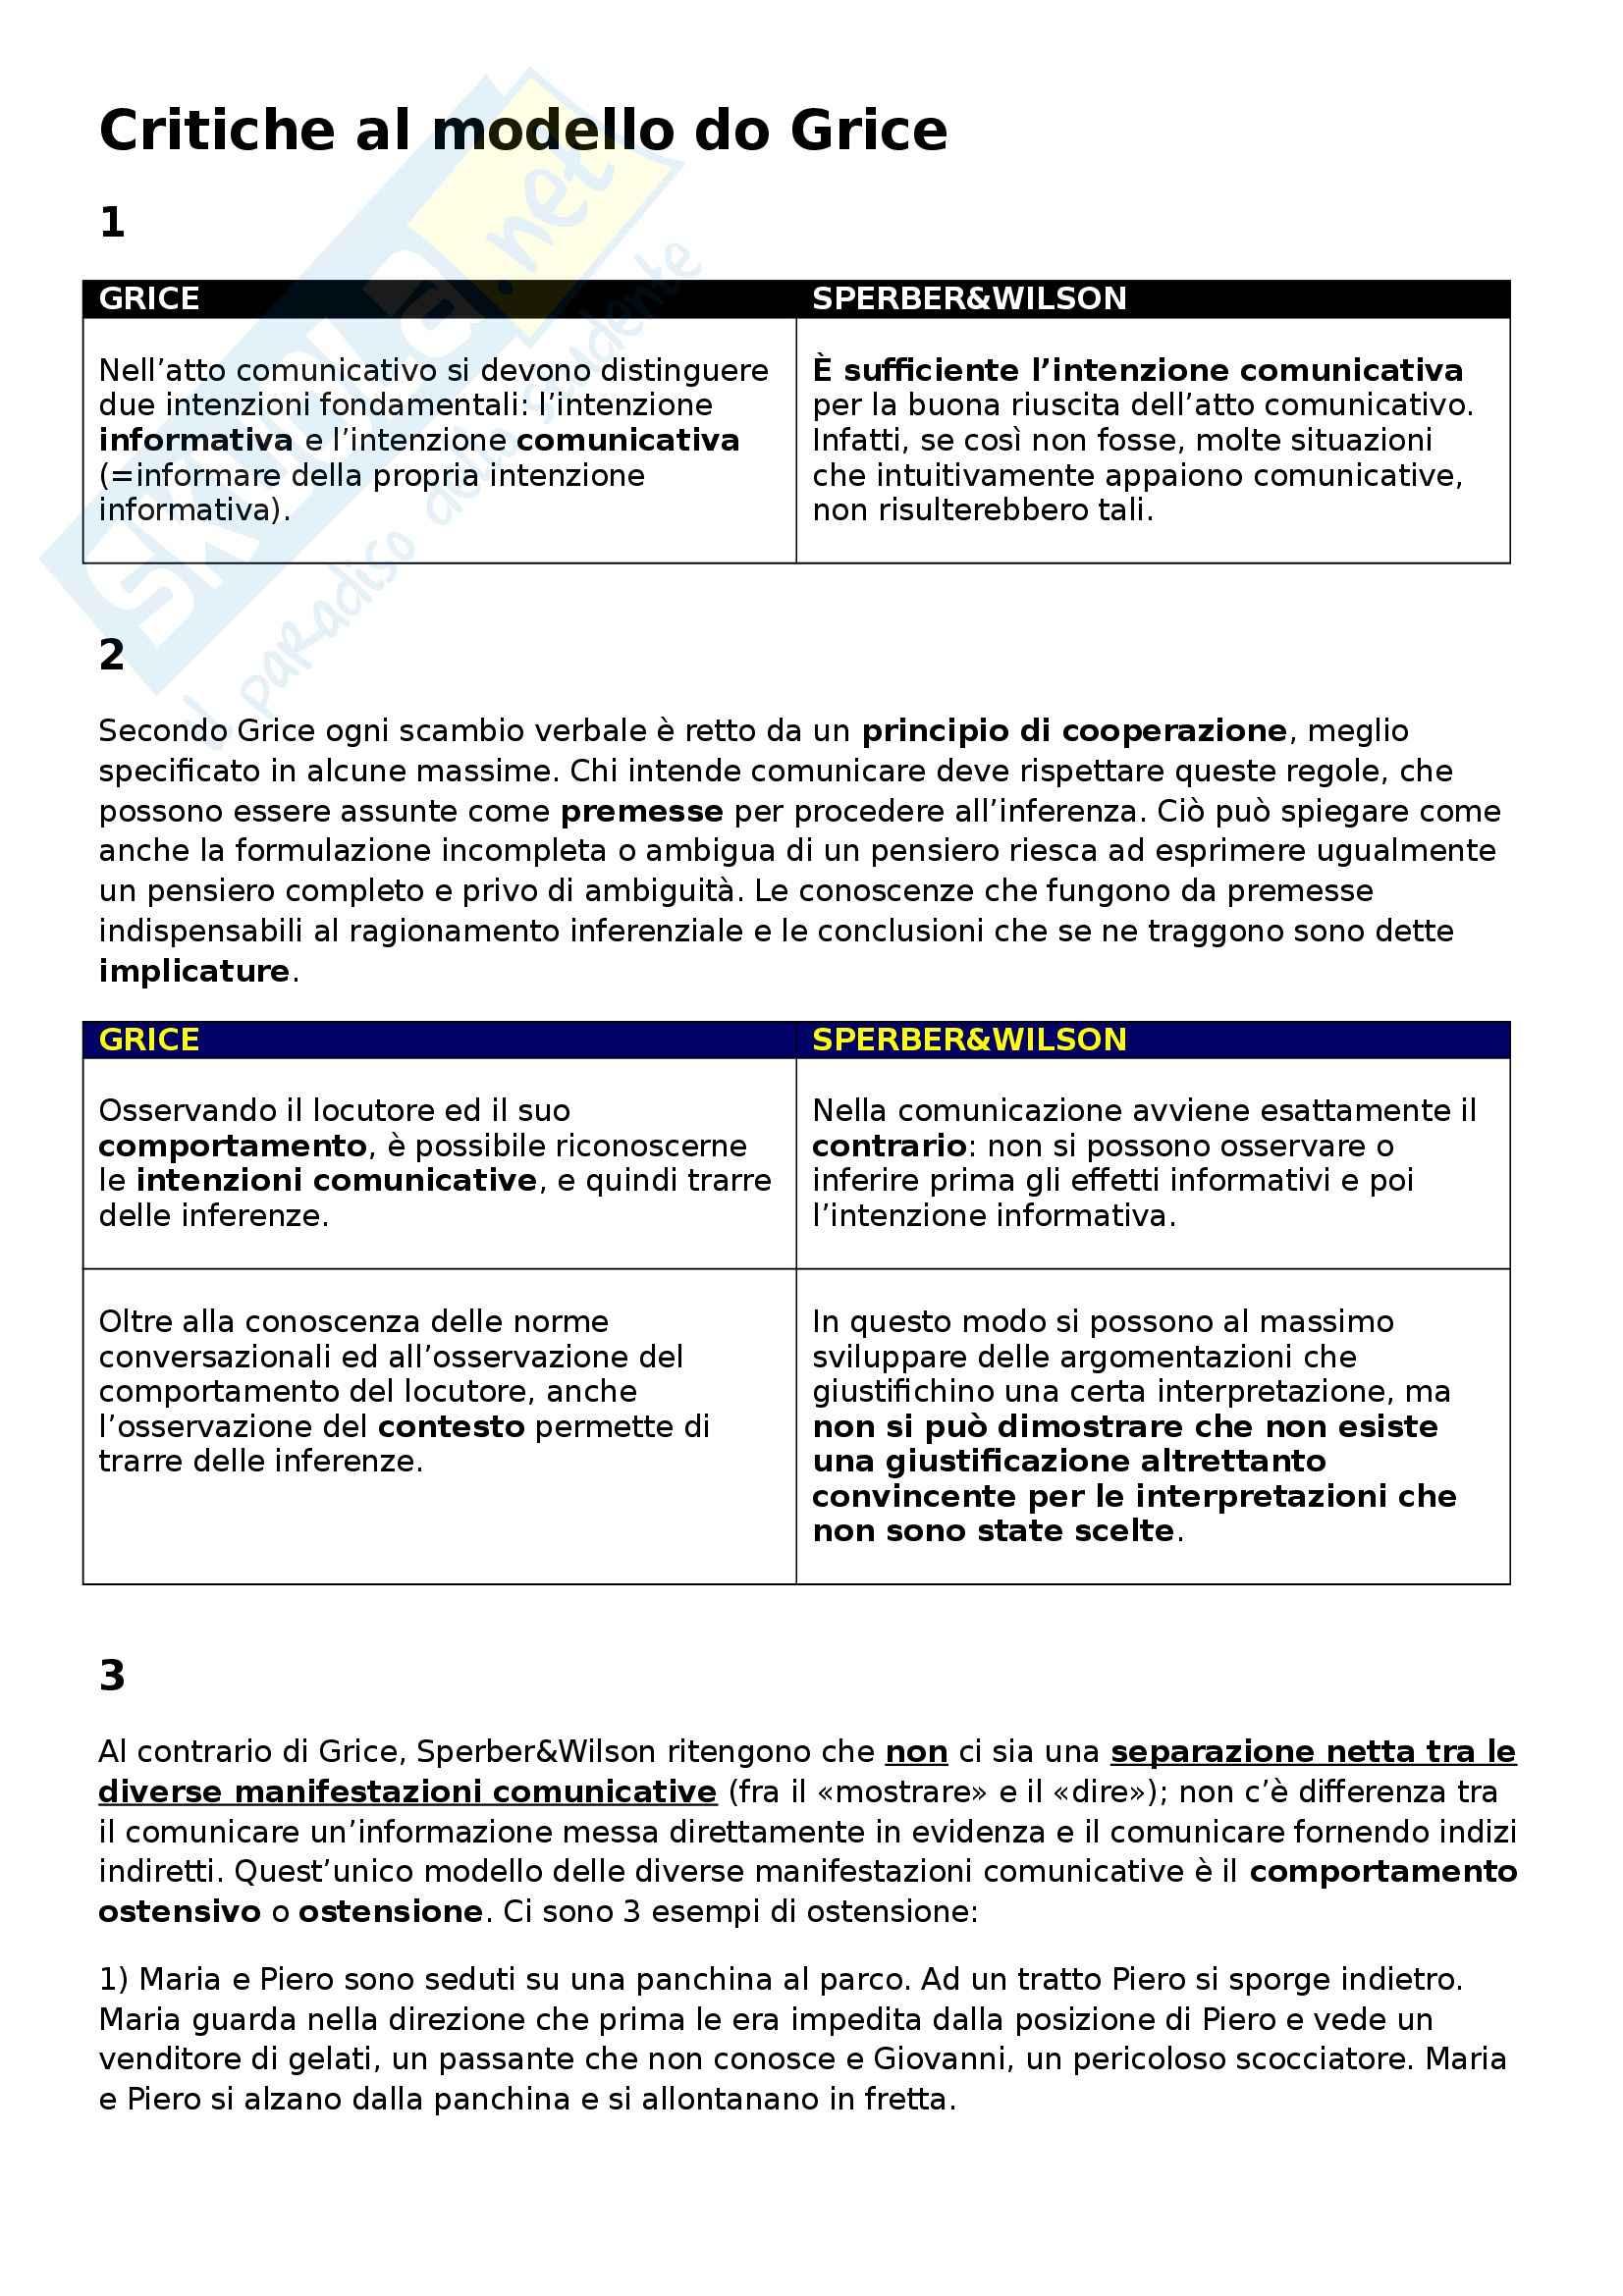 Linguistica italiana - Critiche al modello di Grice